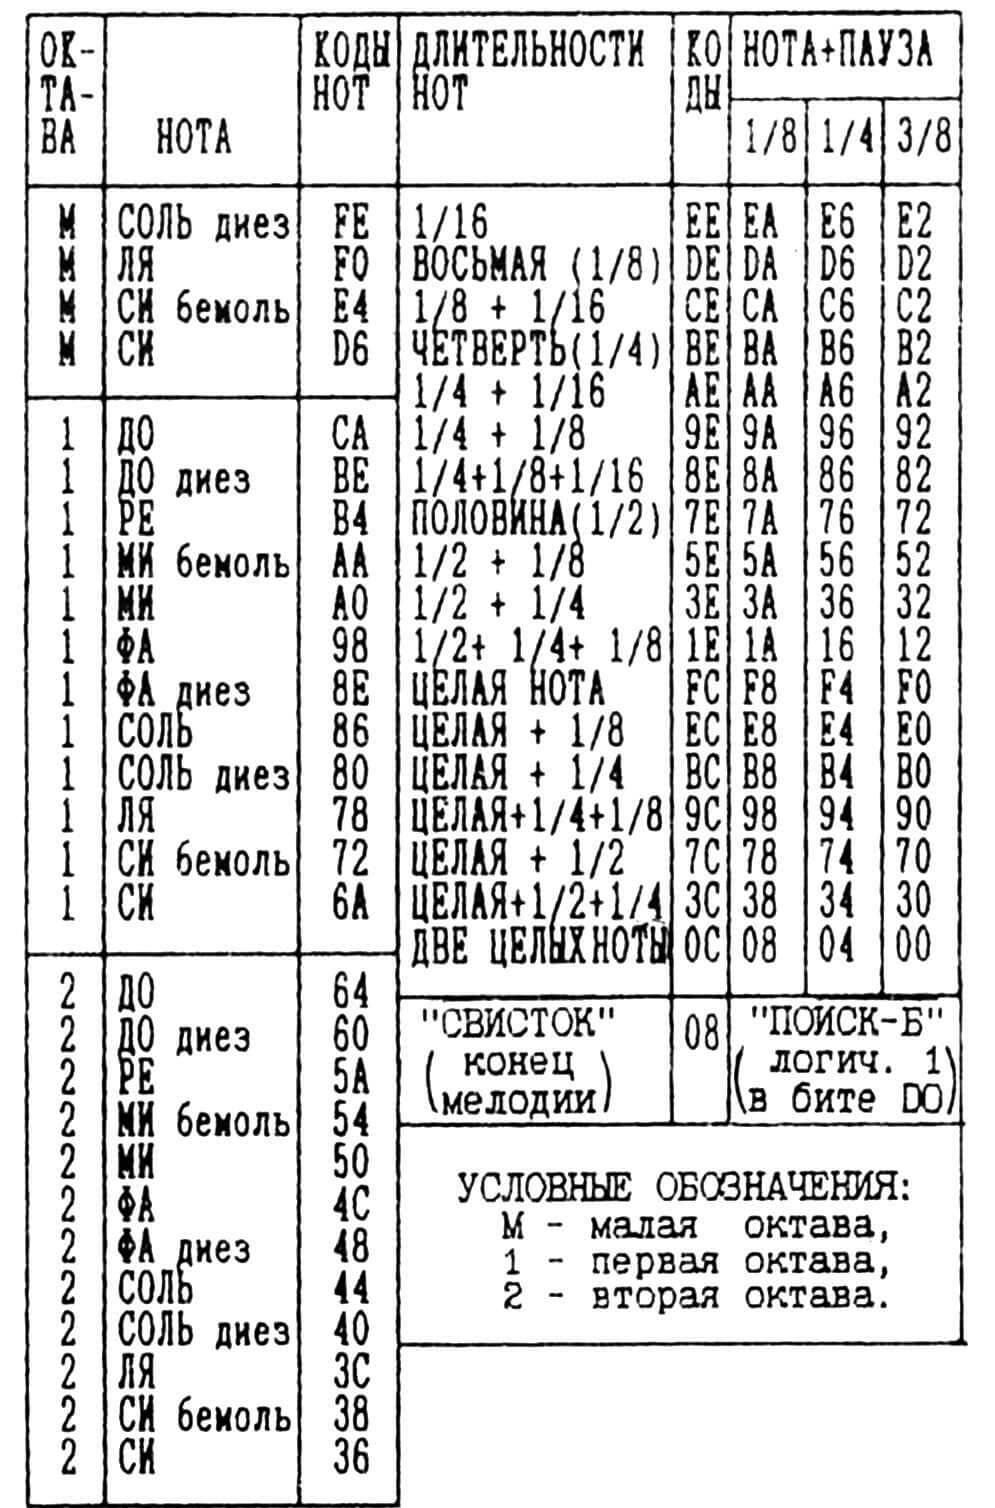 Таблица кодирования нот, длительности их звучания и пауз.